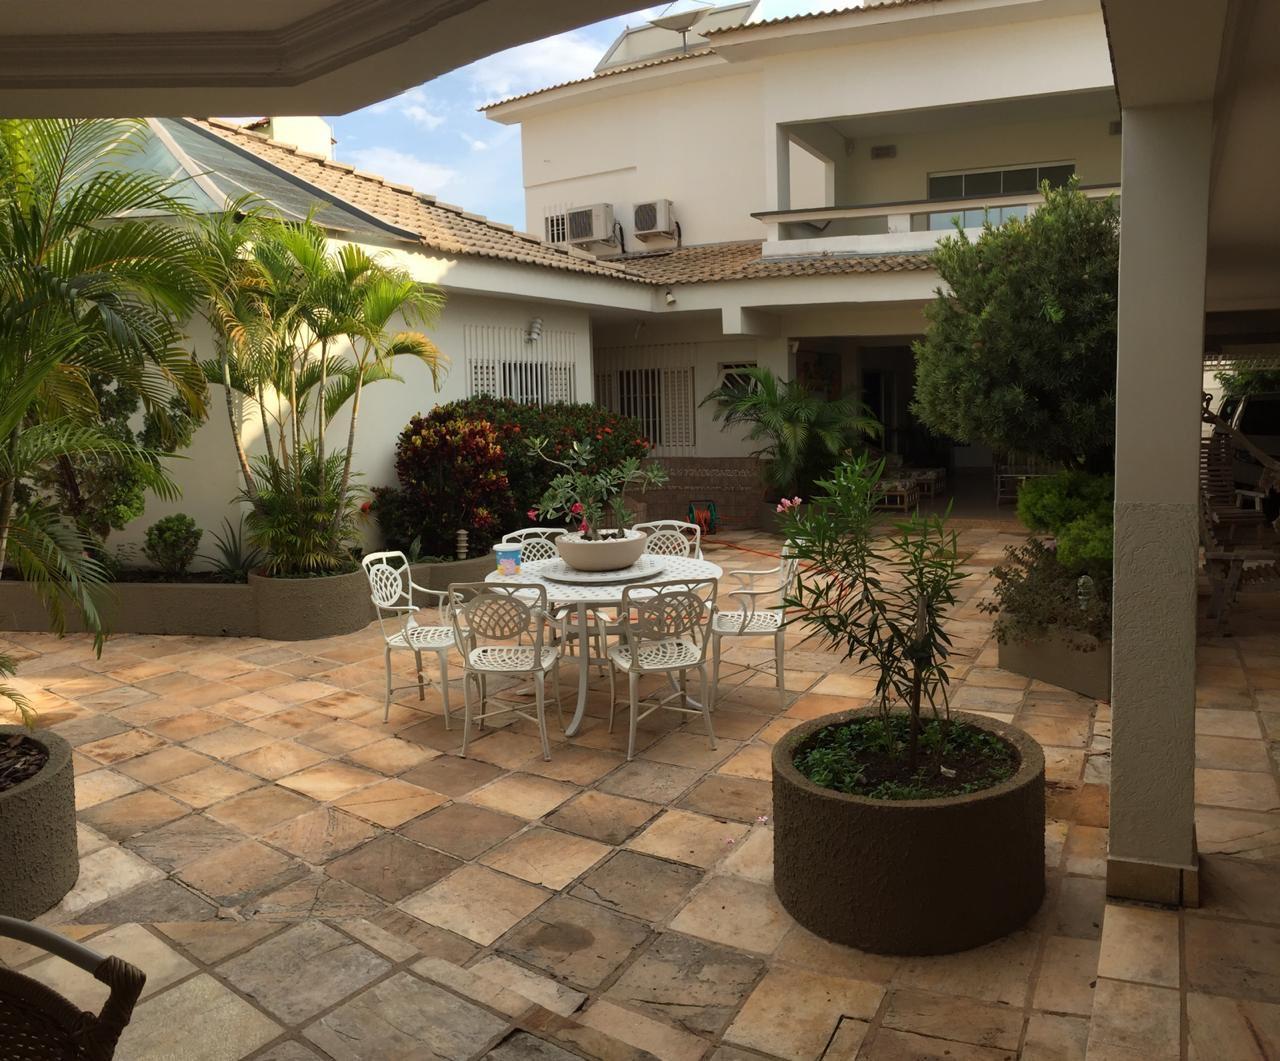 Casa à venda,  com 6 quartos sendo 6 suites no Jardim das Américas em Cuiabá MT 101 13203